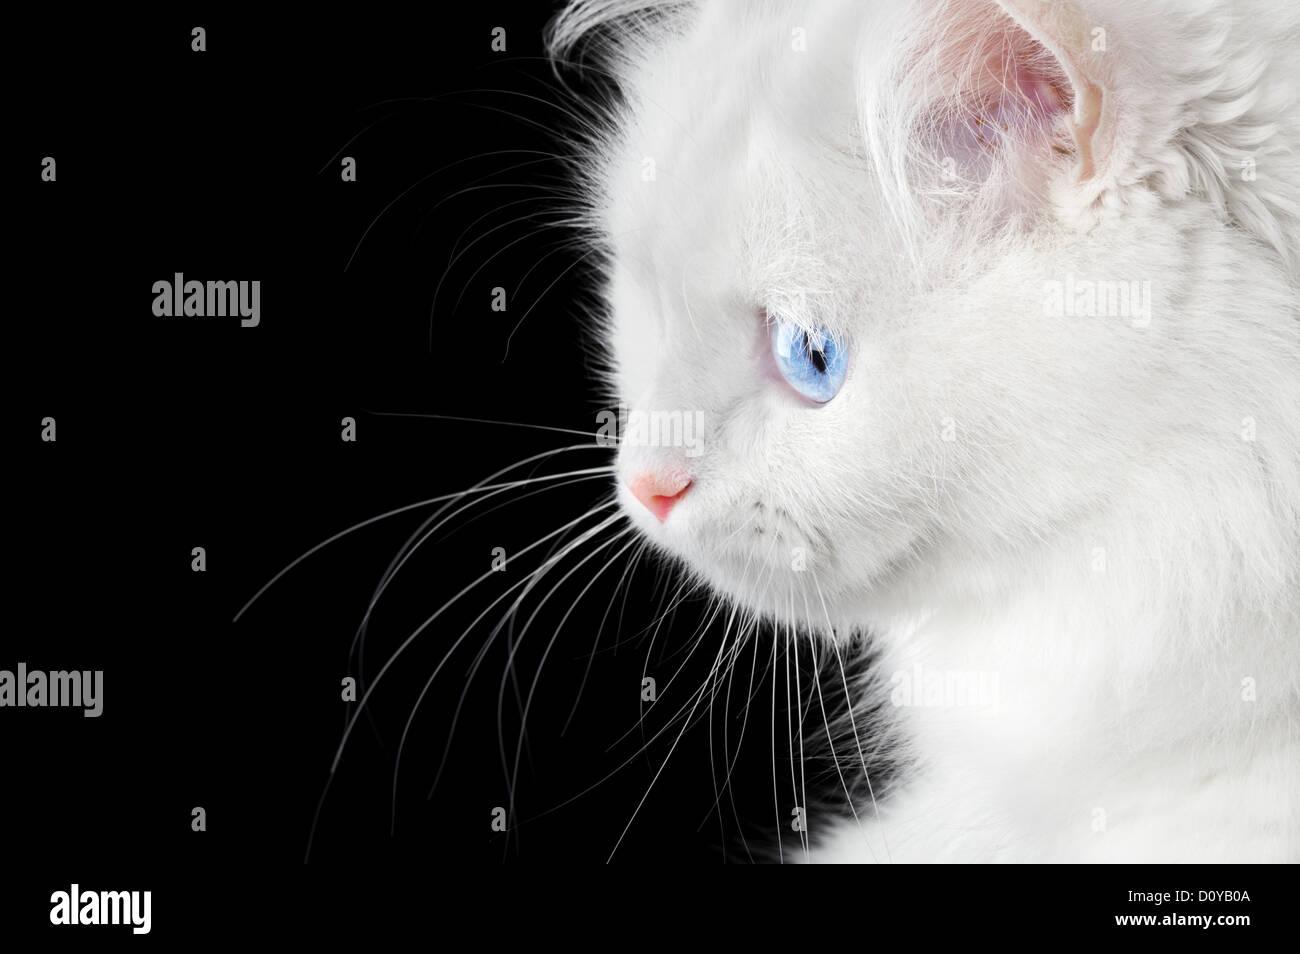 Ritratto di un gatto bianco Immagini Stock